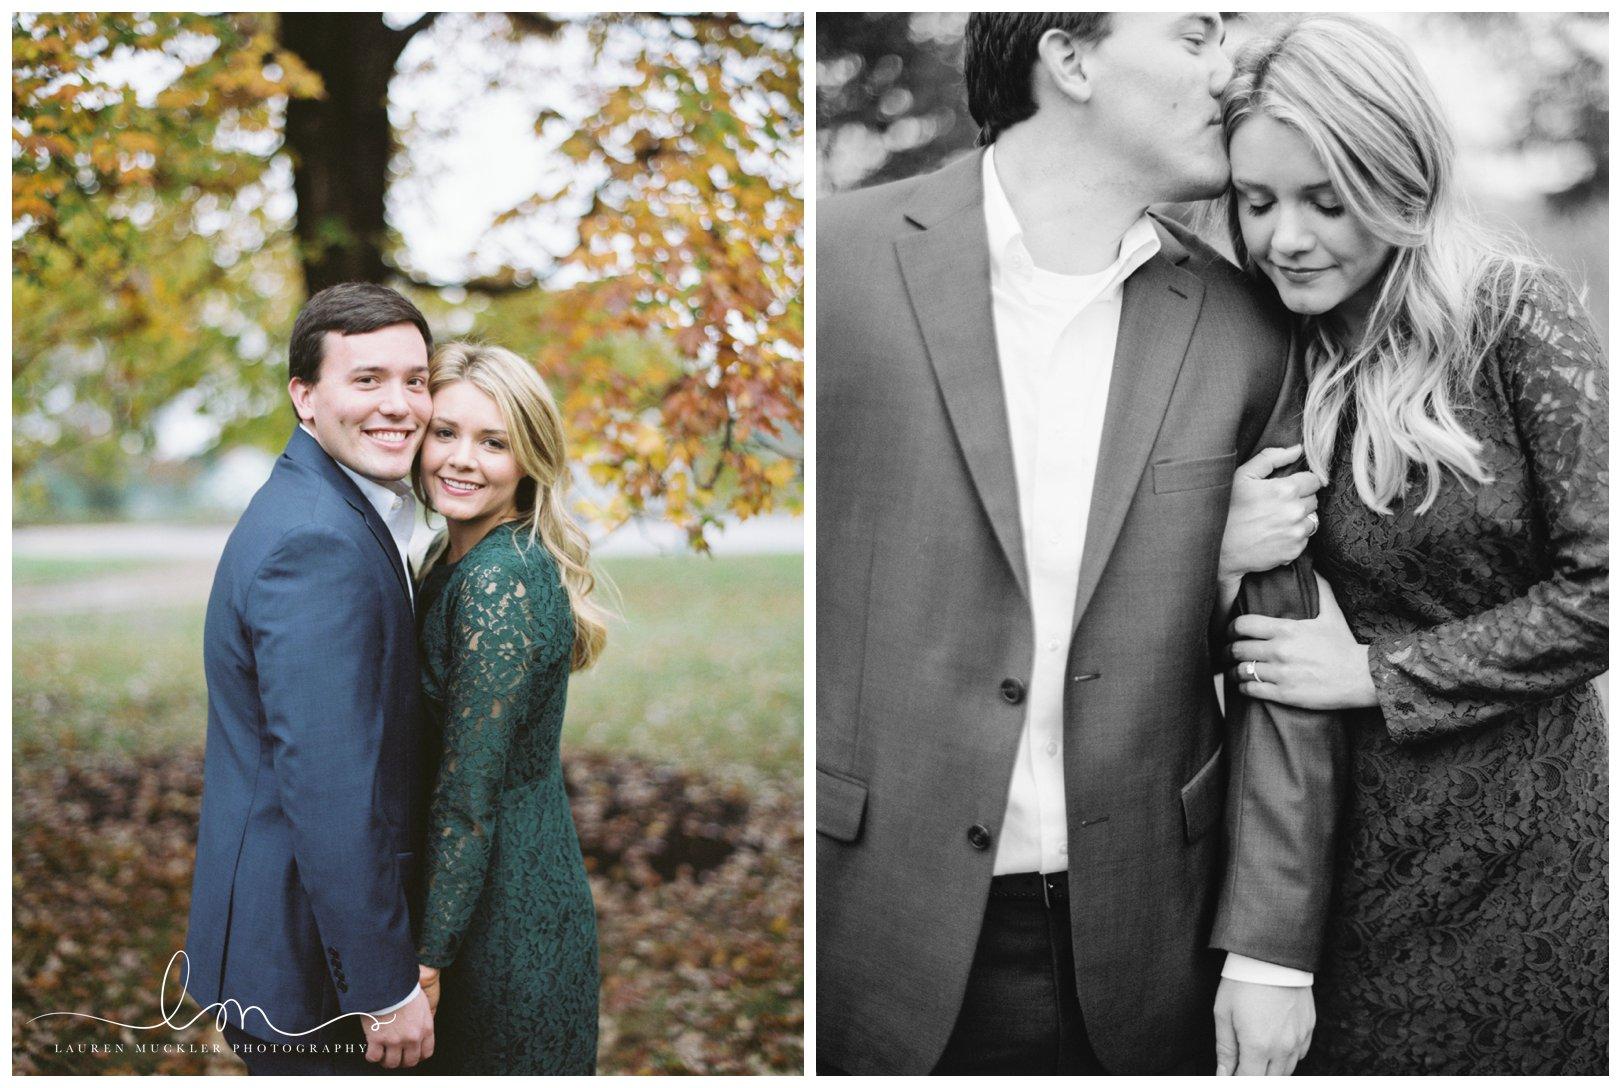 lauren muckler photography_fine art film wedding photography_st louis_photography_0773.jpg